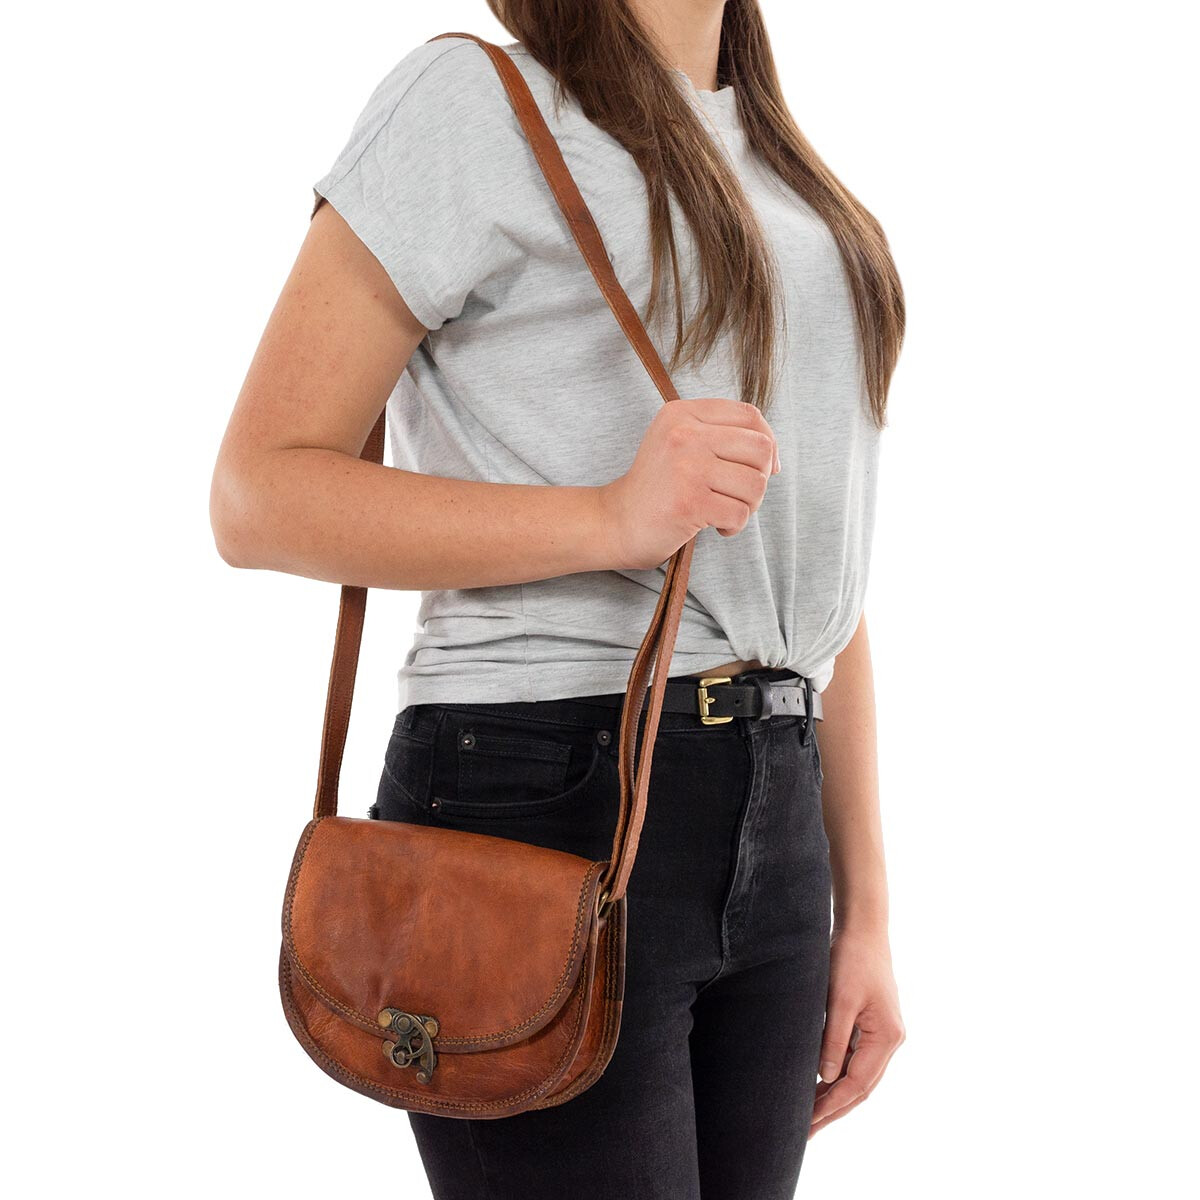 Outlet Handtasche - kleinere Lederfehler - ansonsten neu – Siehe Video